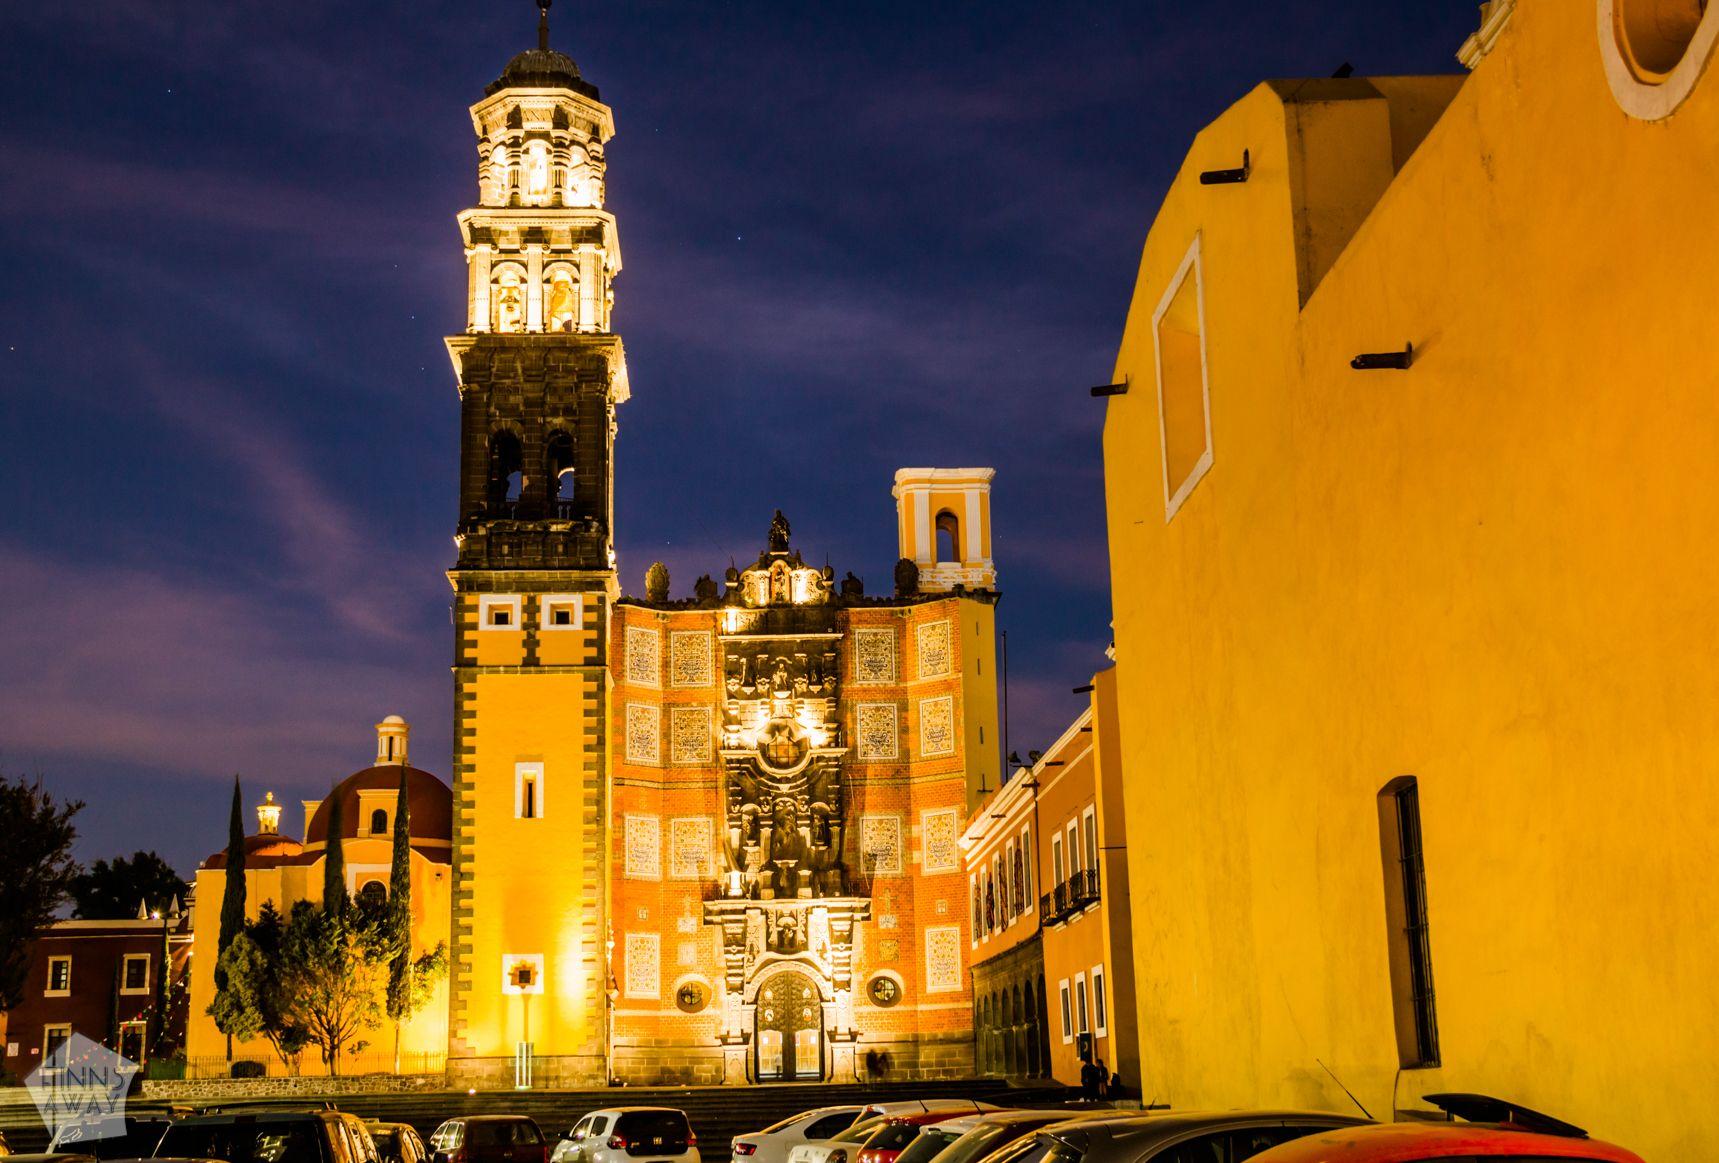 Templo de San Francisco in Puebla at night | Mexico: Colonial city of Puebla and neighboring Cholula | FinnsAway Travel Blog